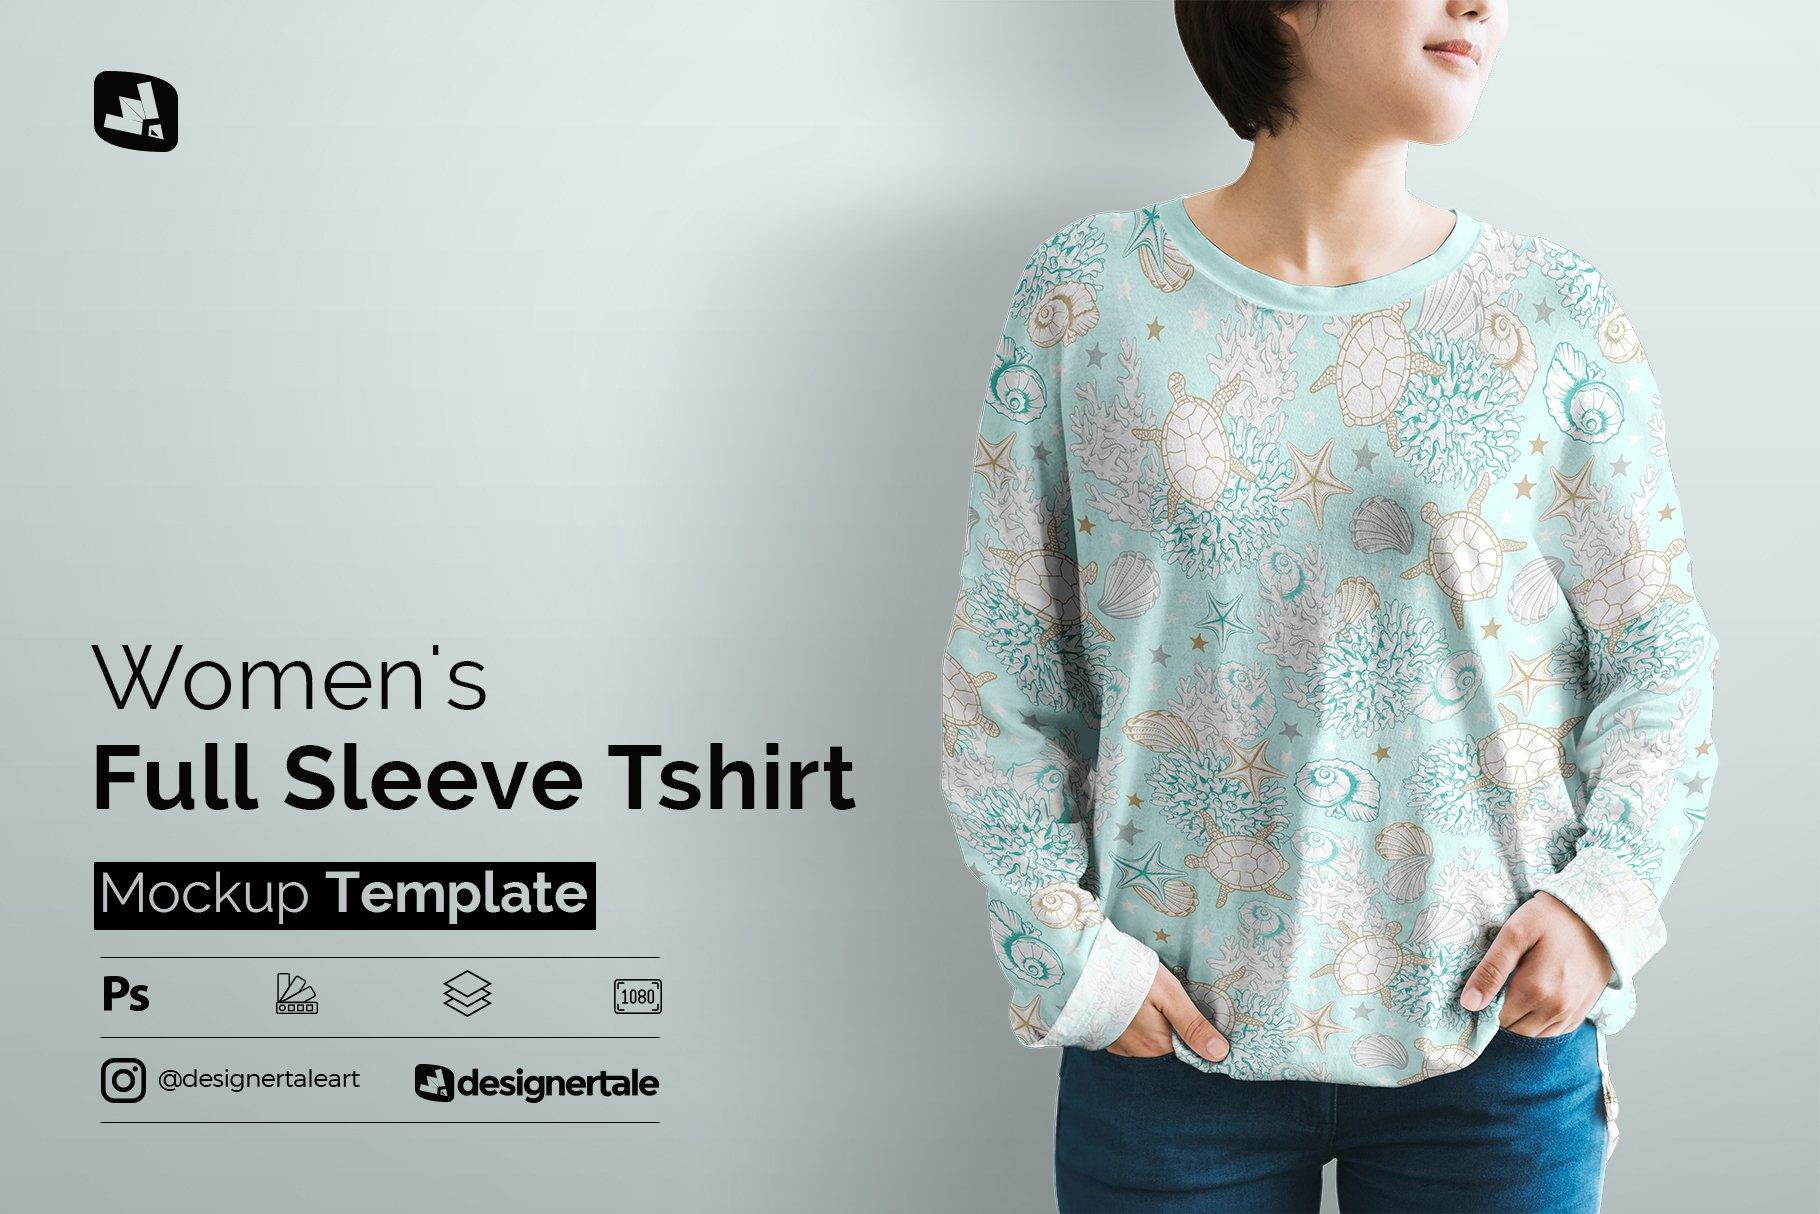 女士半袖T恤印花图案设计展示贴图样机模板素材 Womens Full Sleeve Tshirt Mockup插图